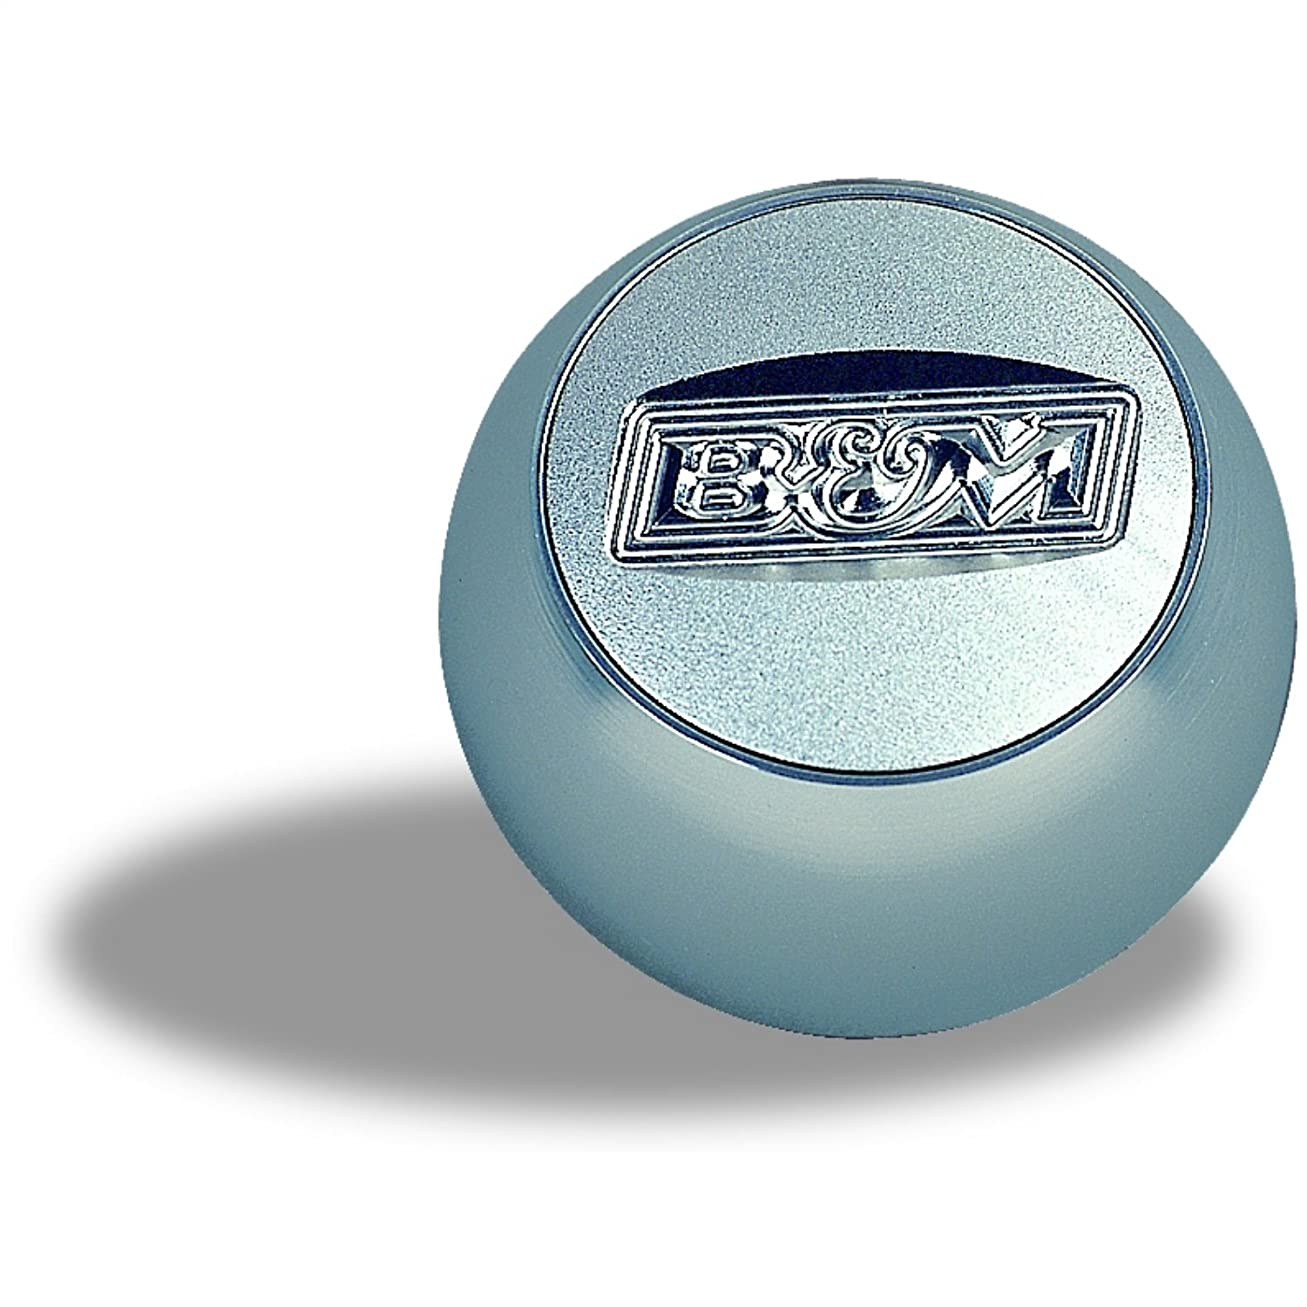 評議会怒り排出B&M 80534の鋼片の水銀の手動伝達転位のノブ